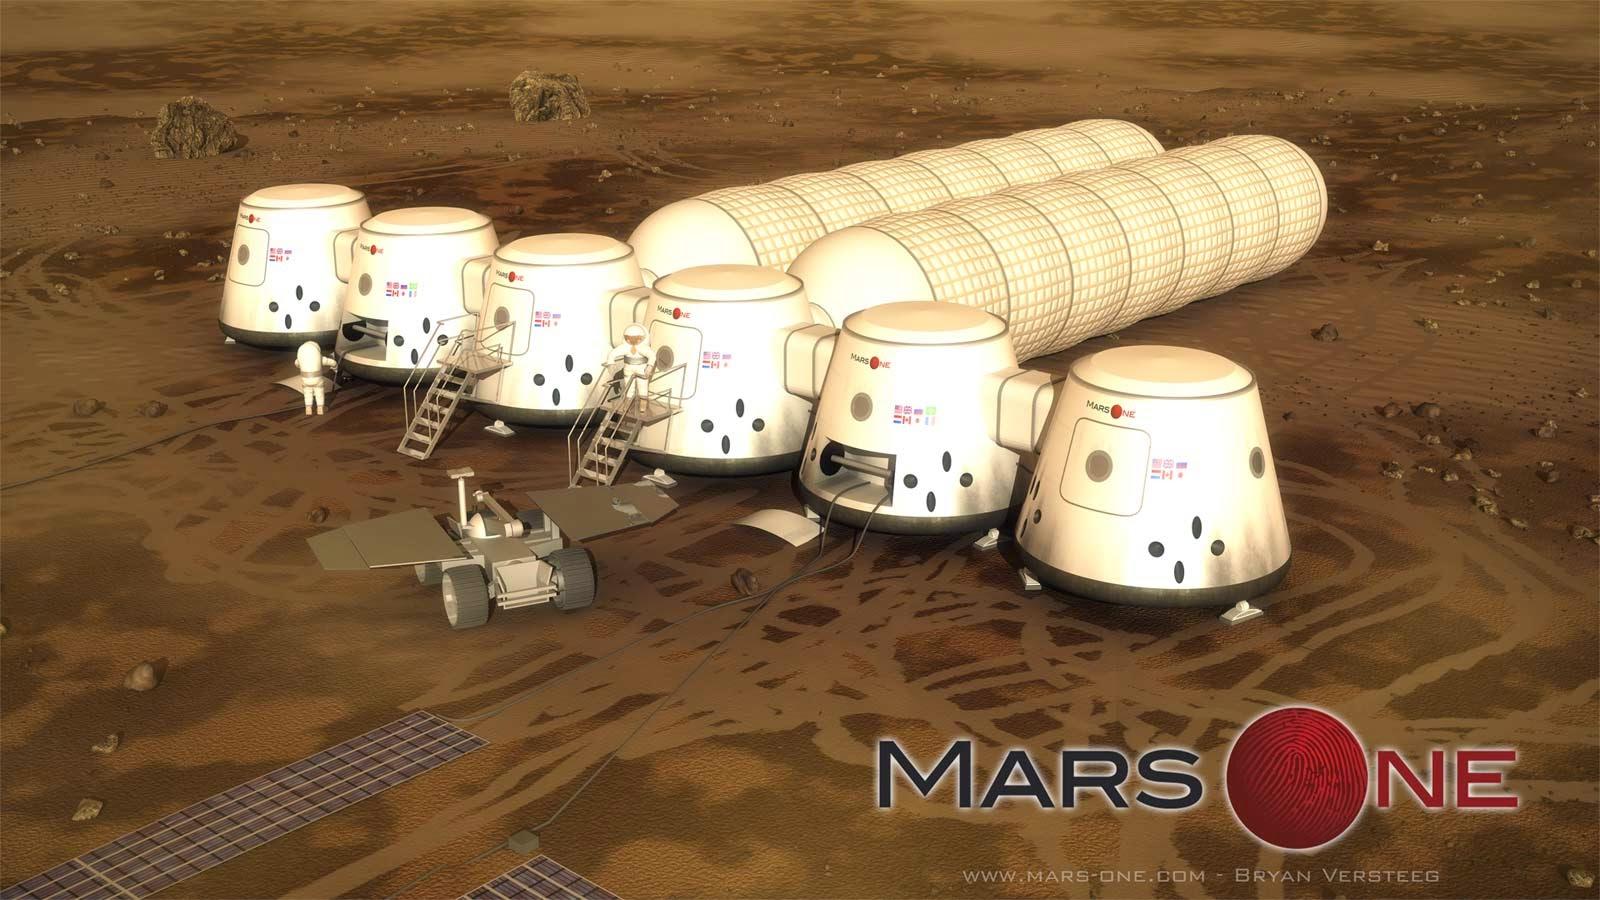 Imagen conceptual de las futuras colonias en Marte